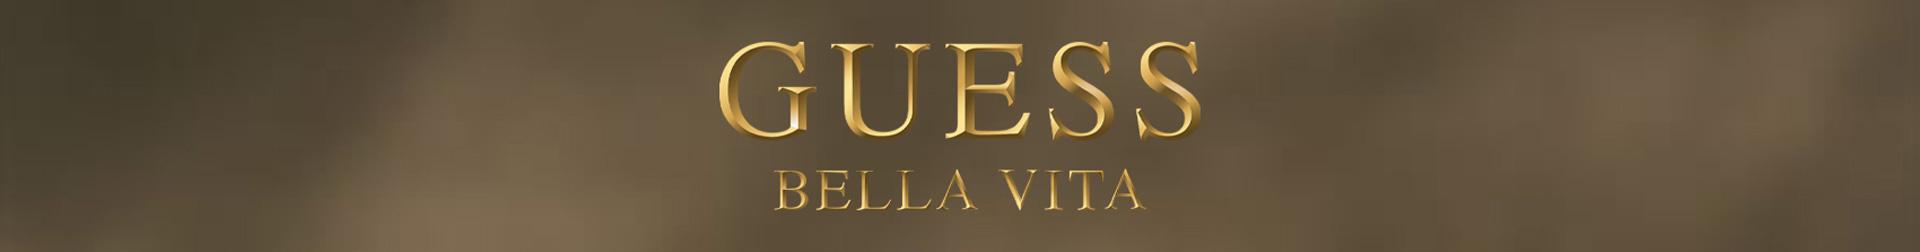 banner---guess-bella-vitaDesktop.jpg